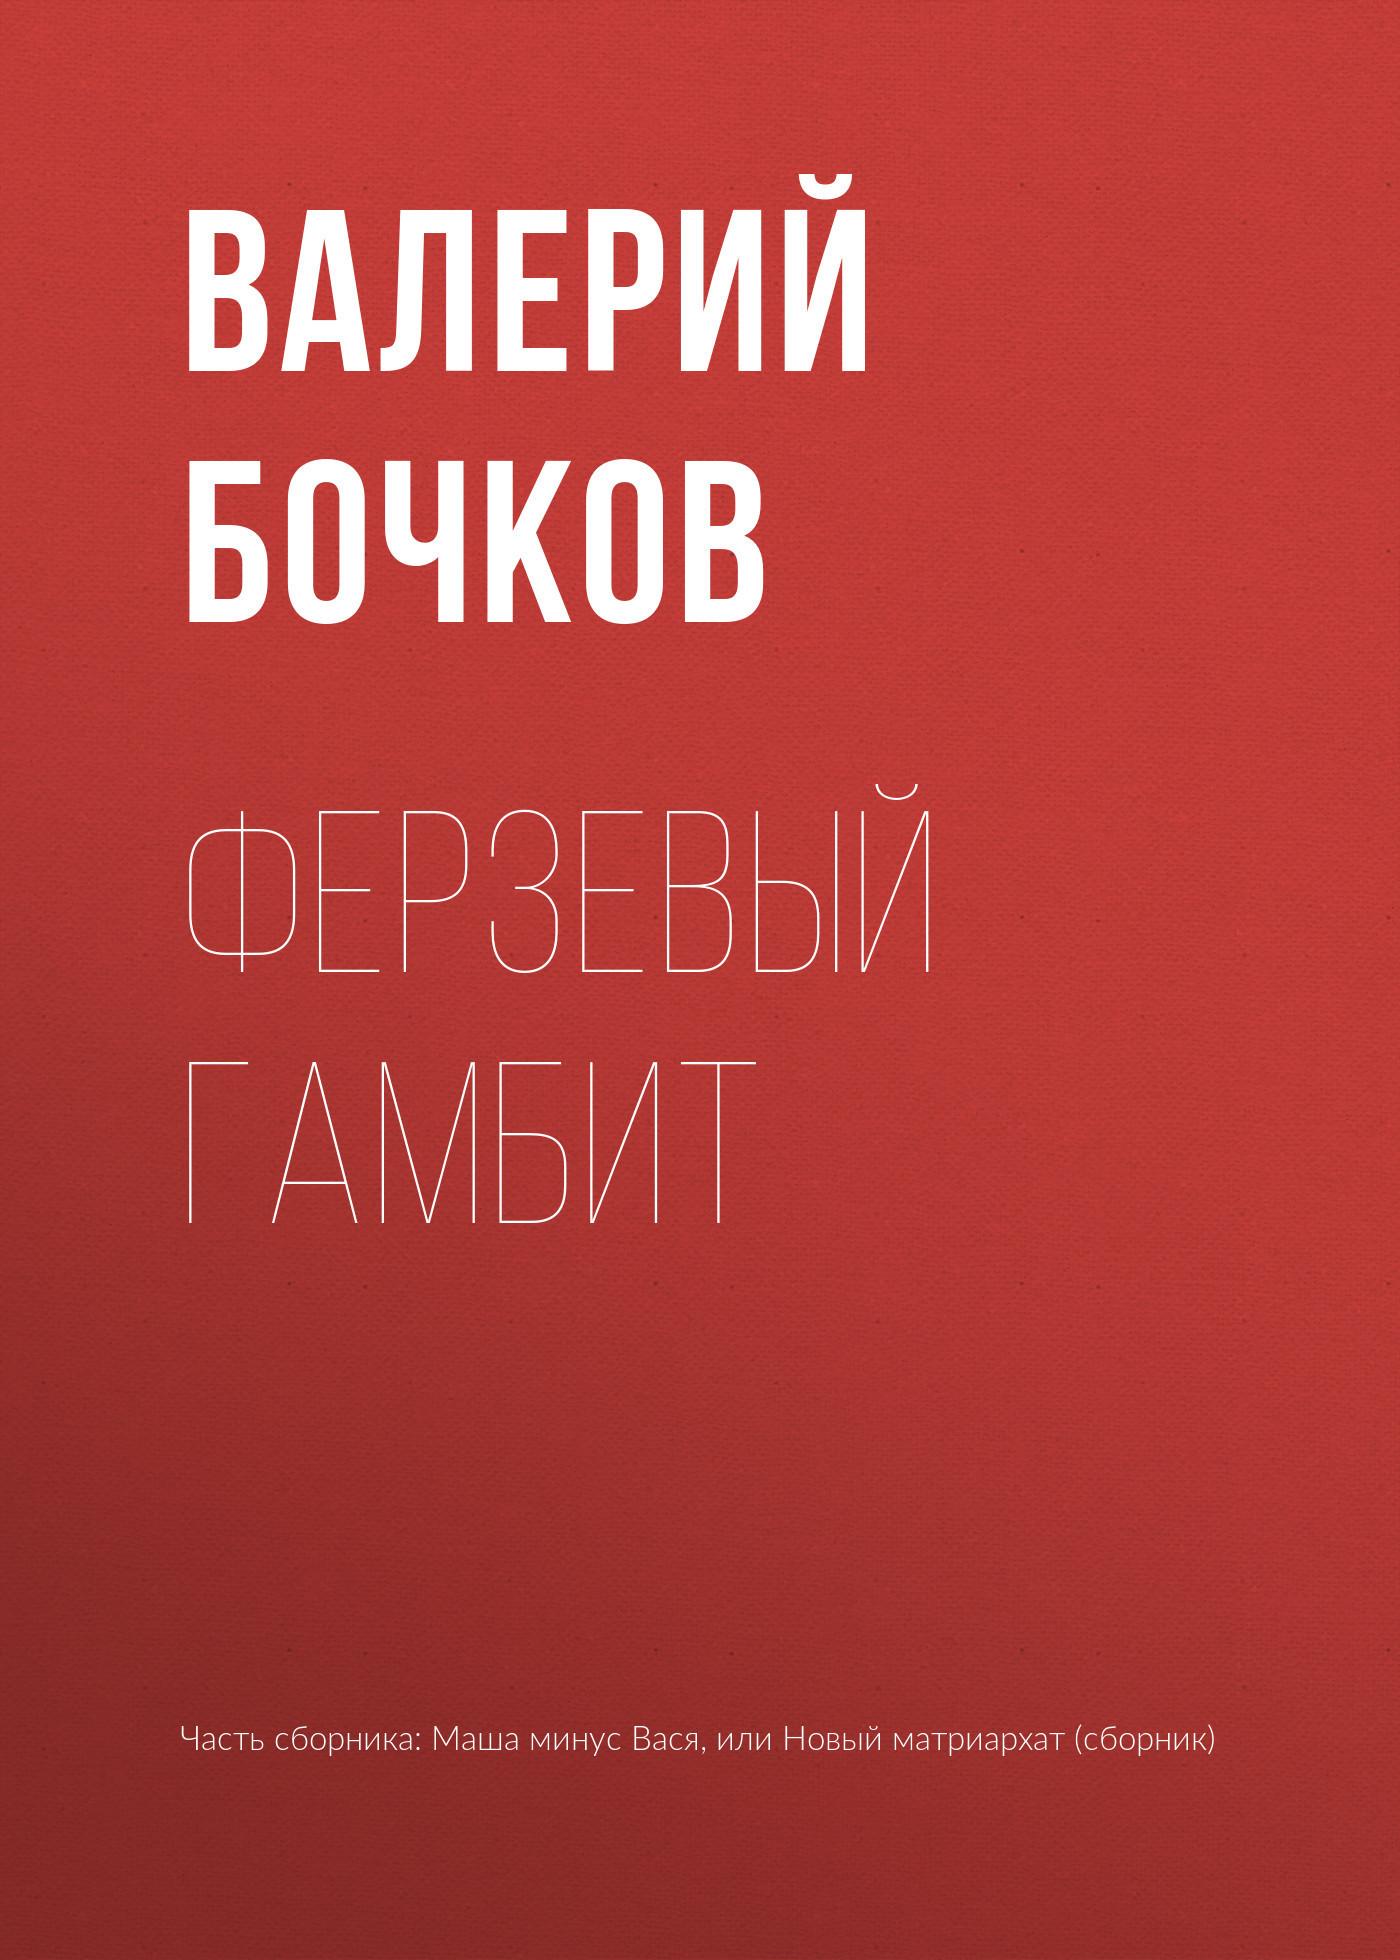 Валерий Бочков Ферзевый гамбит